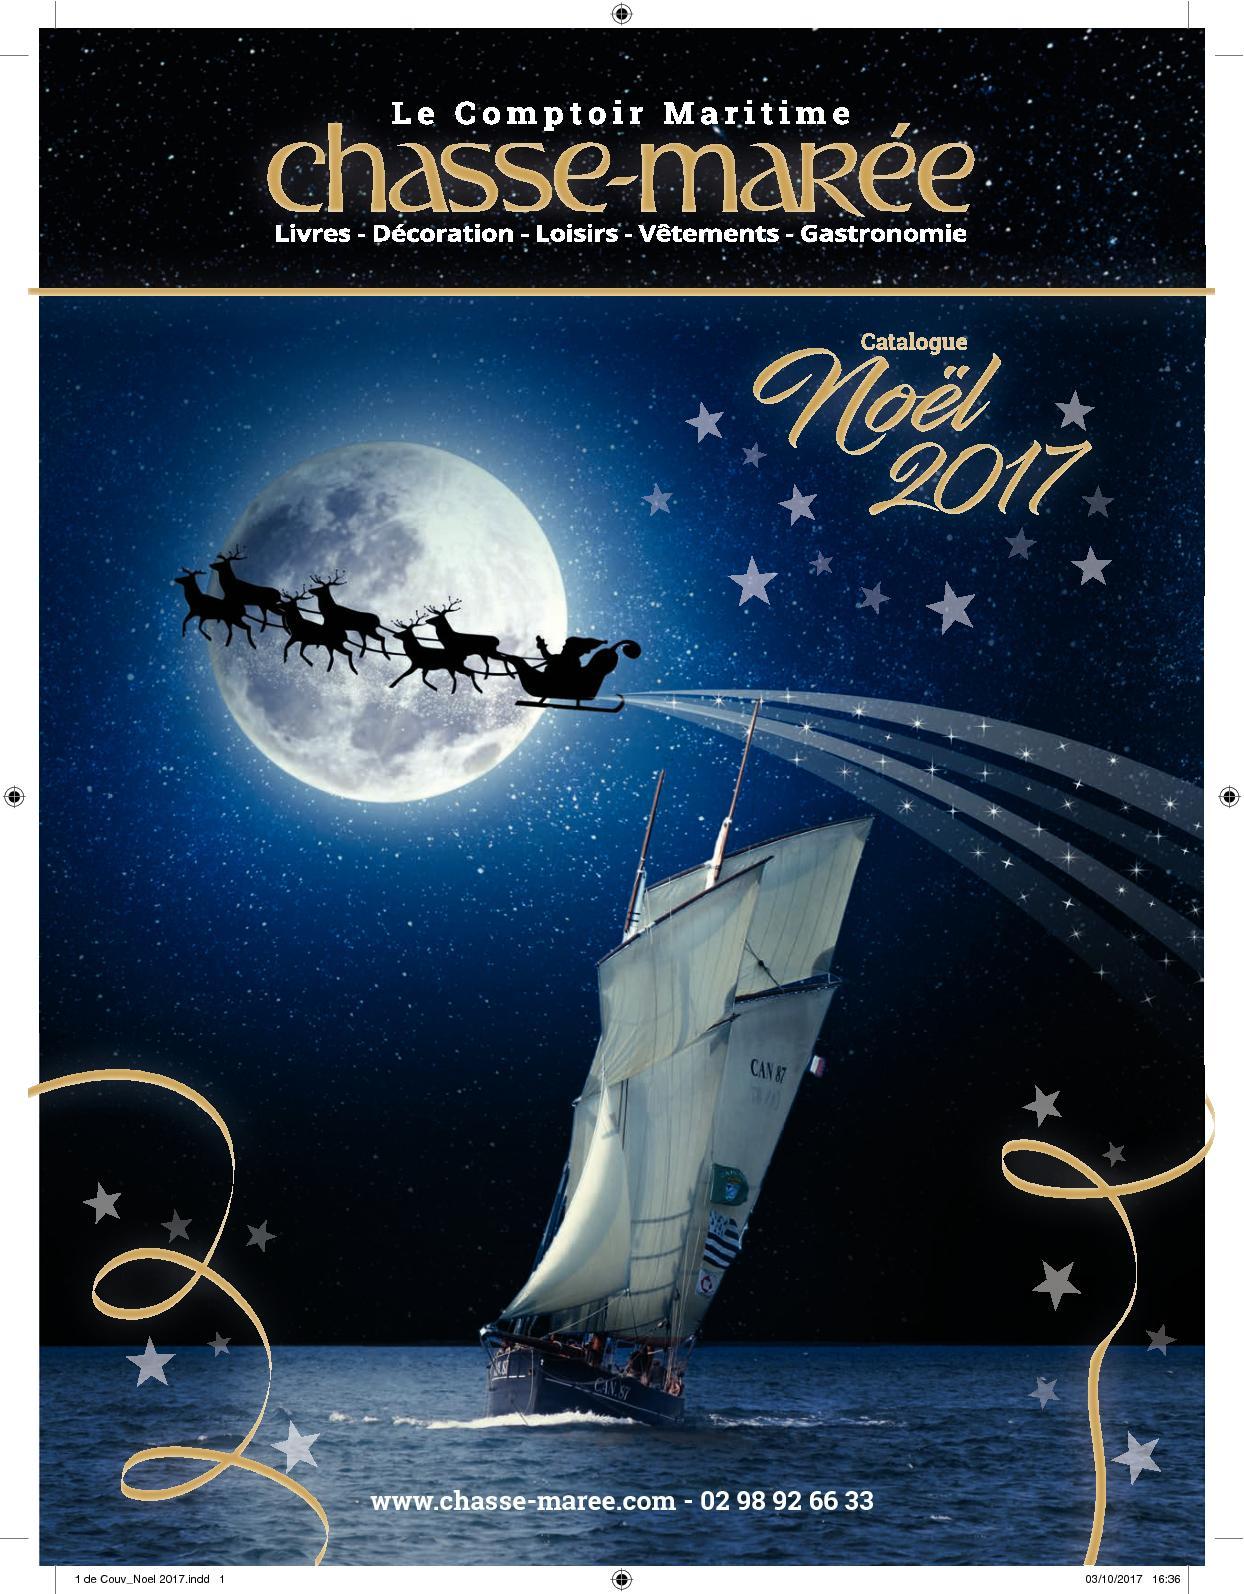 2017 Chasse Calaméo Marée Maritime Comptoir Du Catalogue Noël qEw1aE